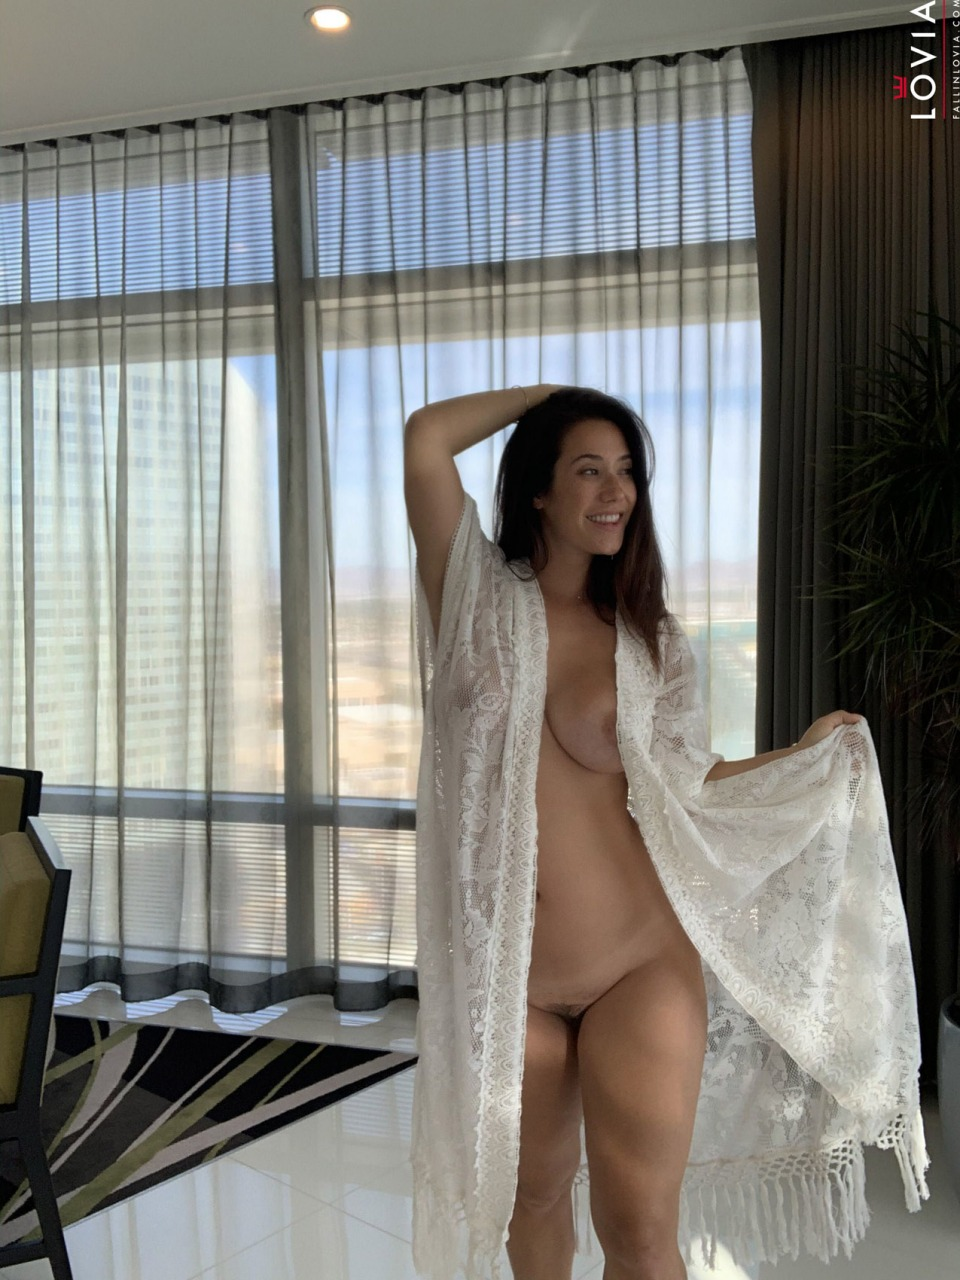 Eva Lovia - Waking Up In Vegas 9